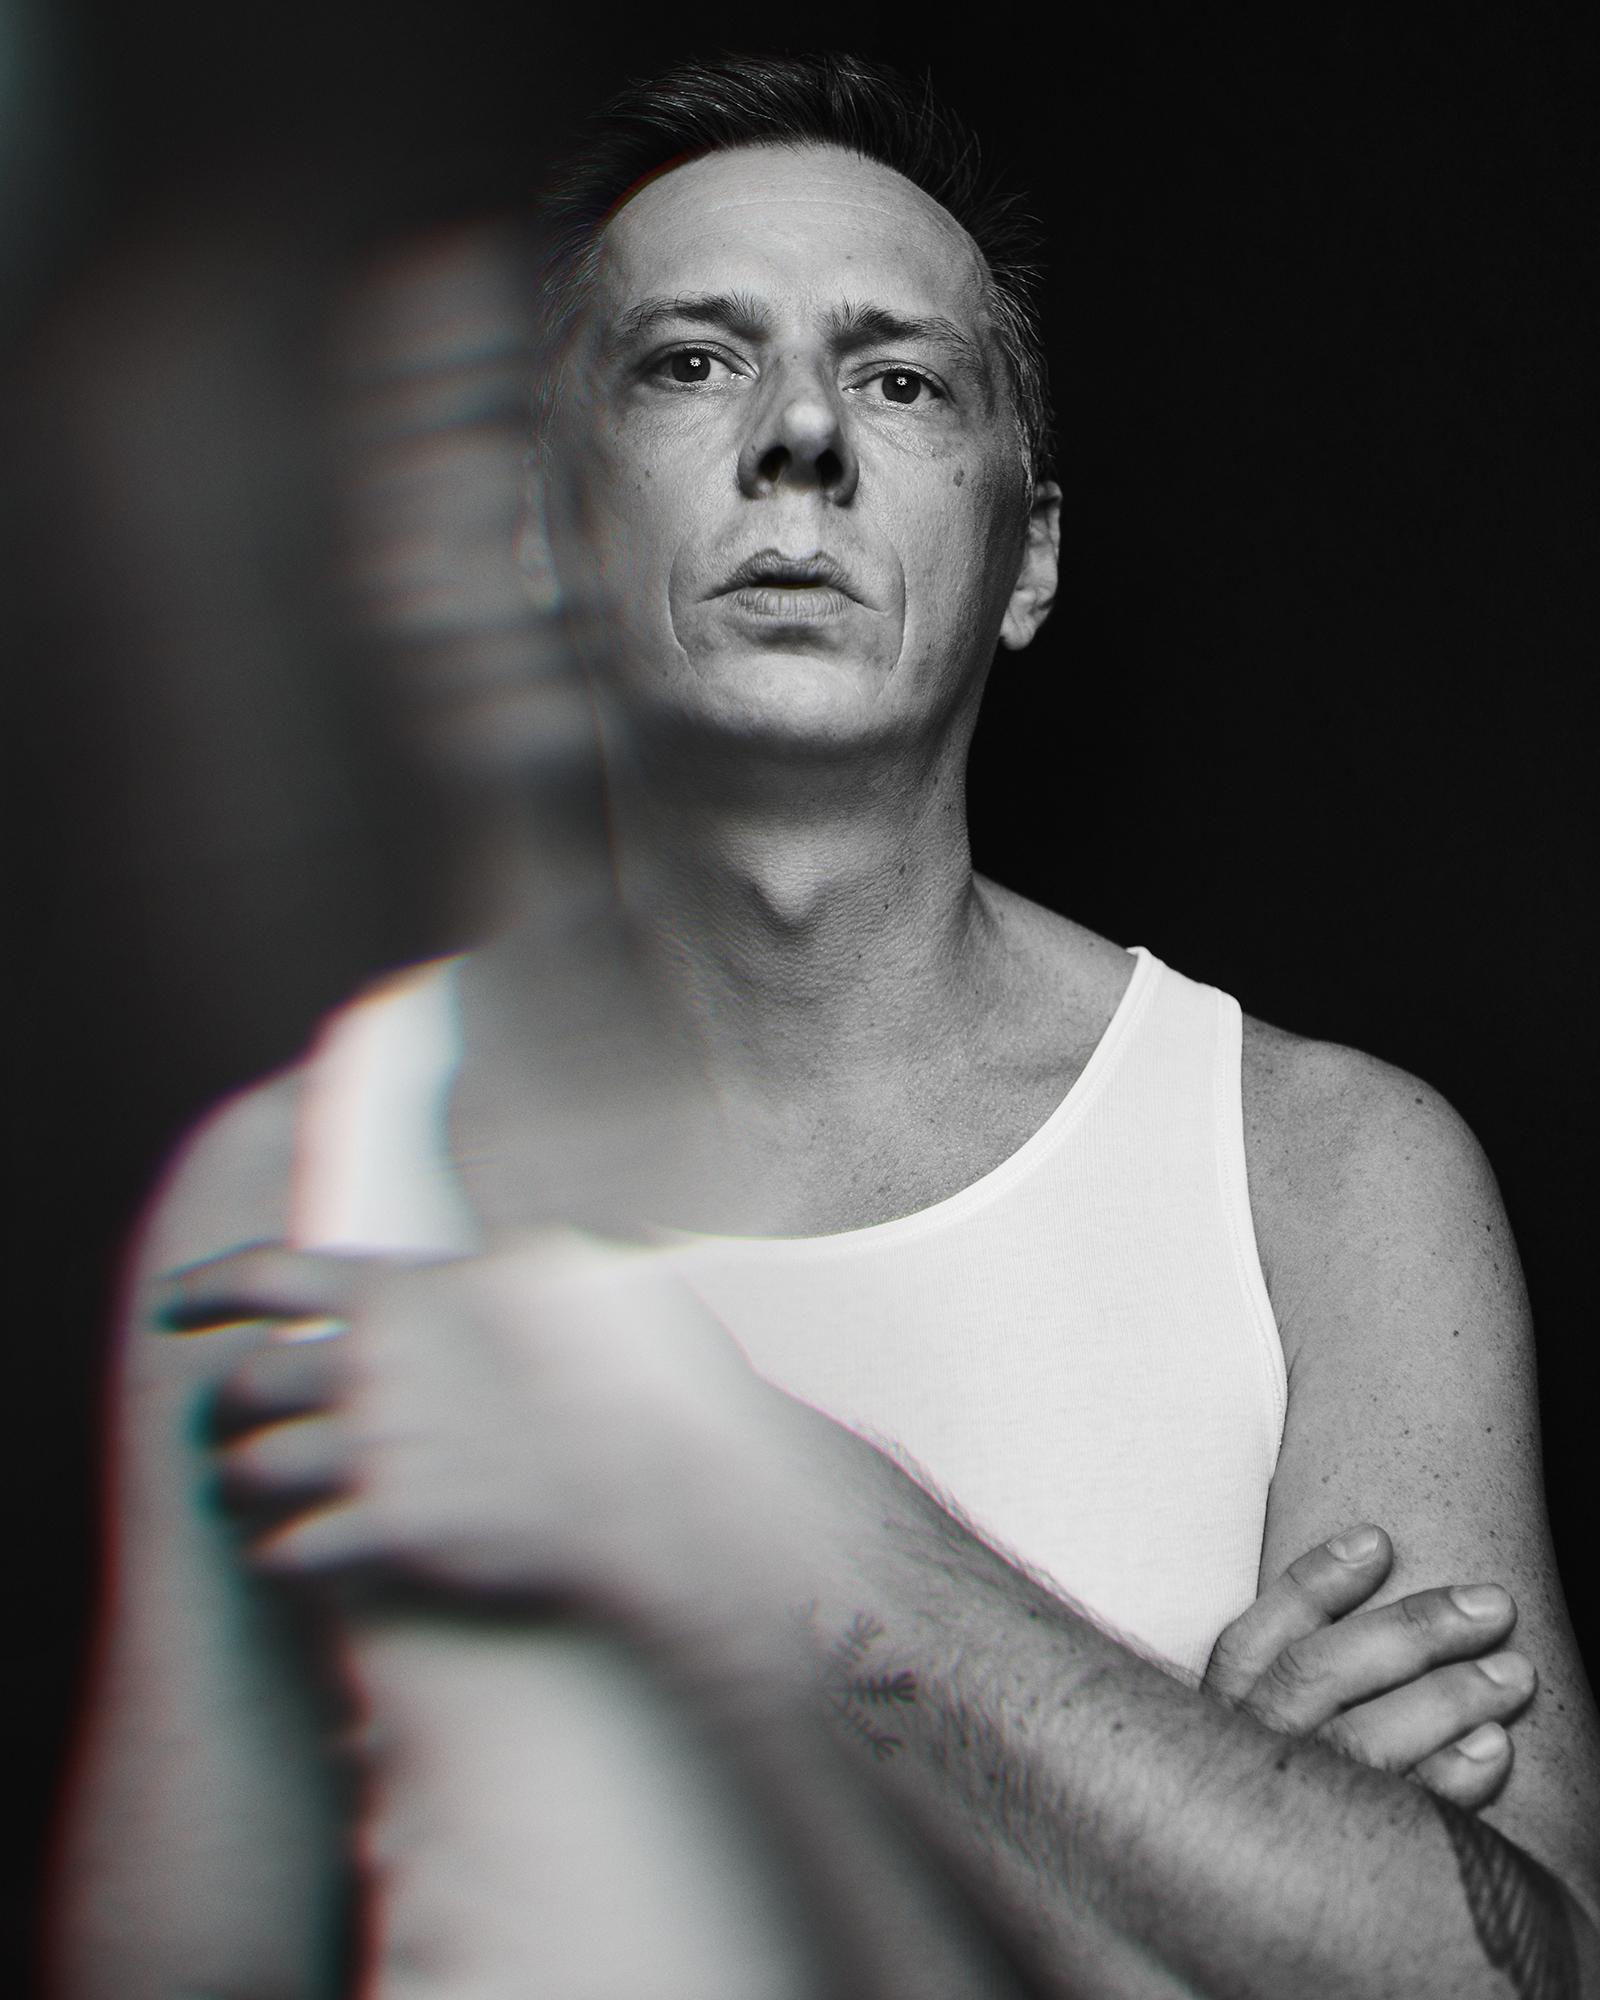 Pablo-Espinoza-Photographer-AMP-Mag-10